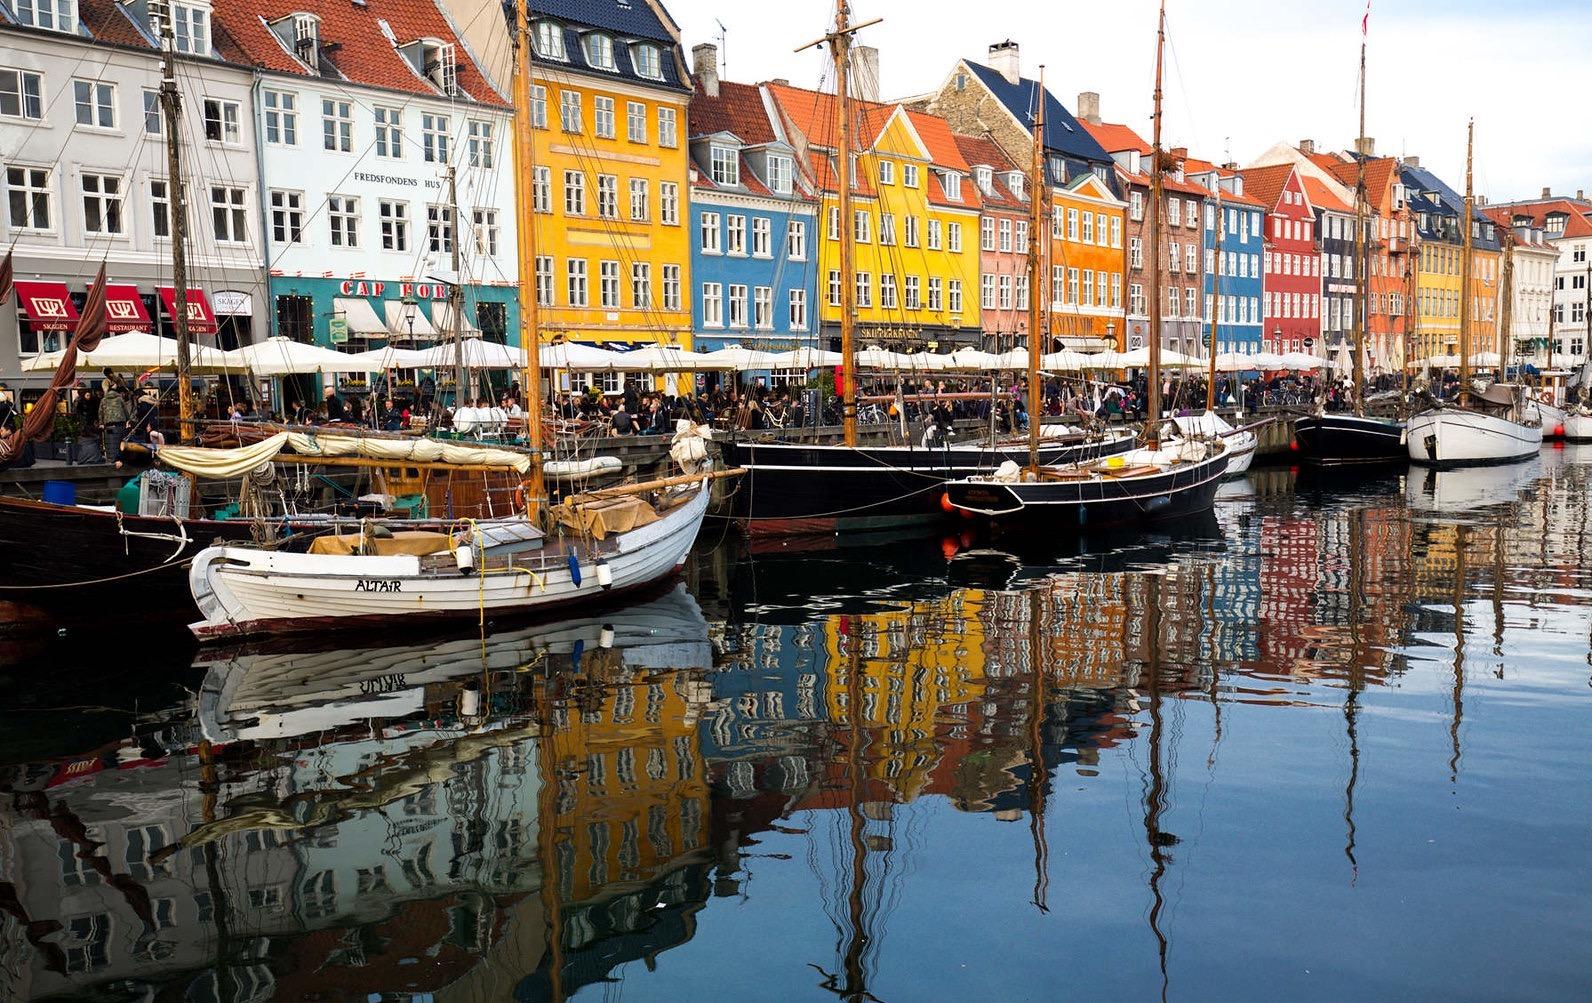 丹麥自由行,輕鬆玩哥本哈根景點之選